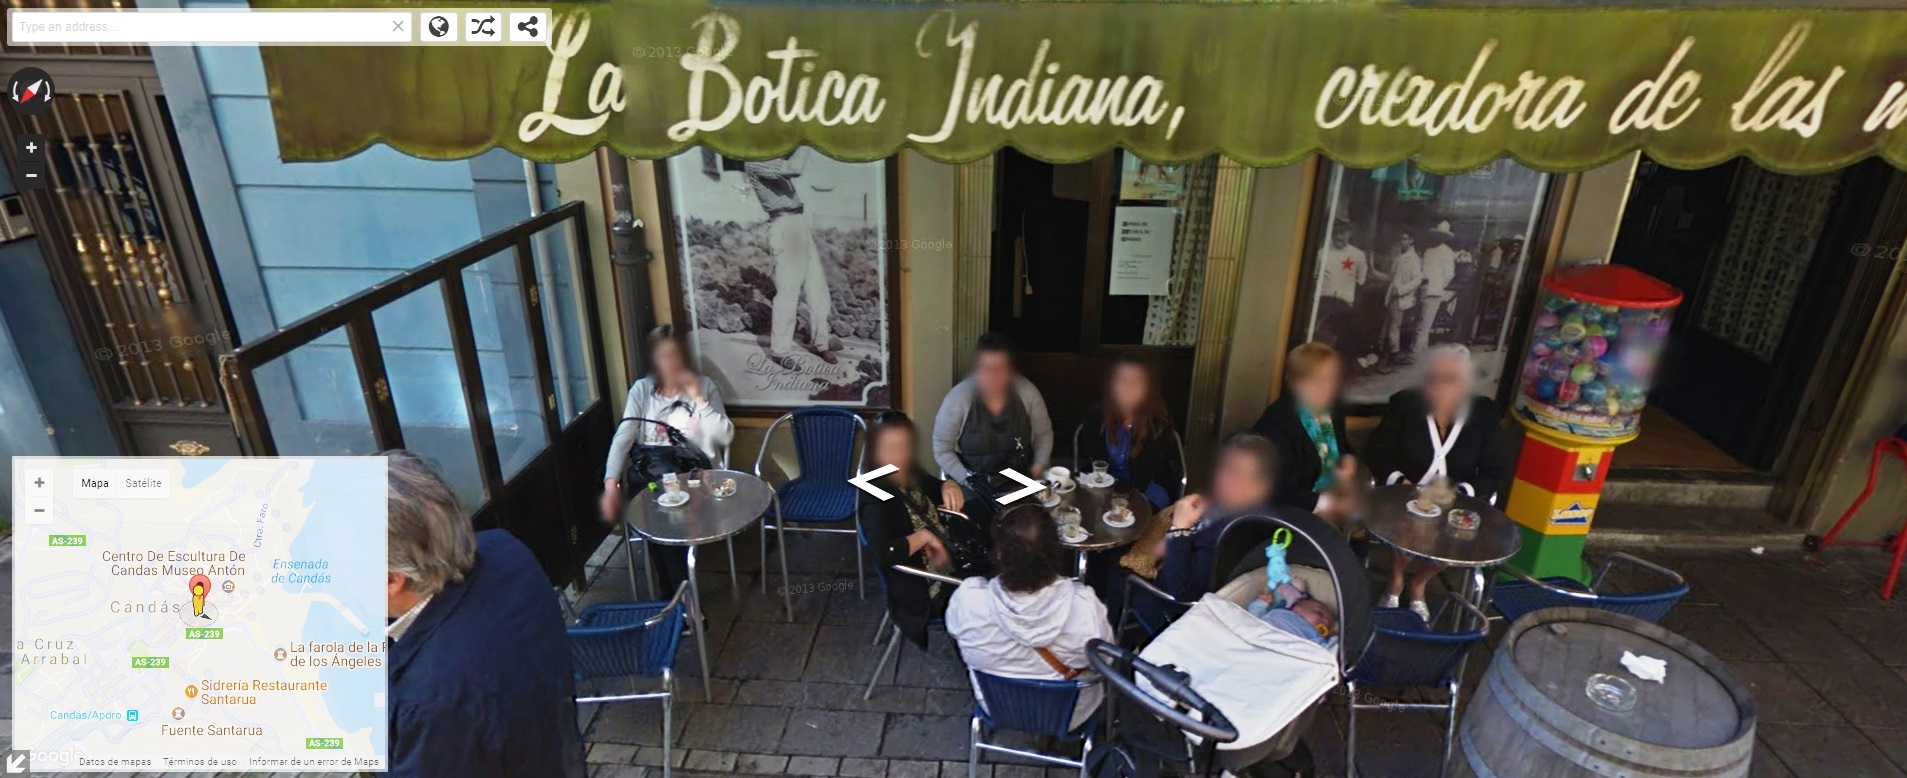 Candás La Botica Indiana